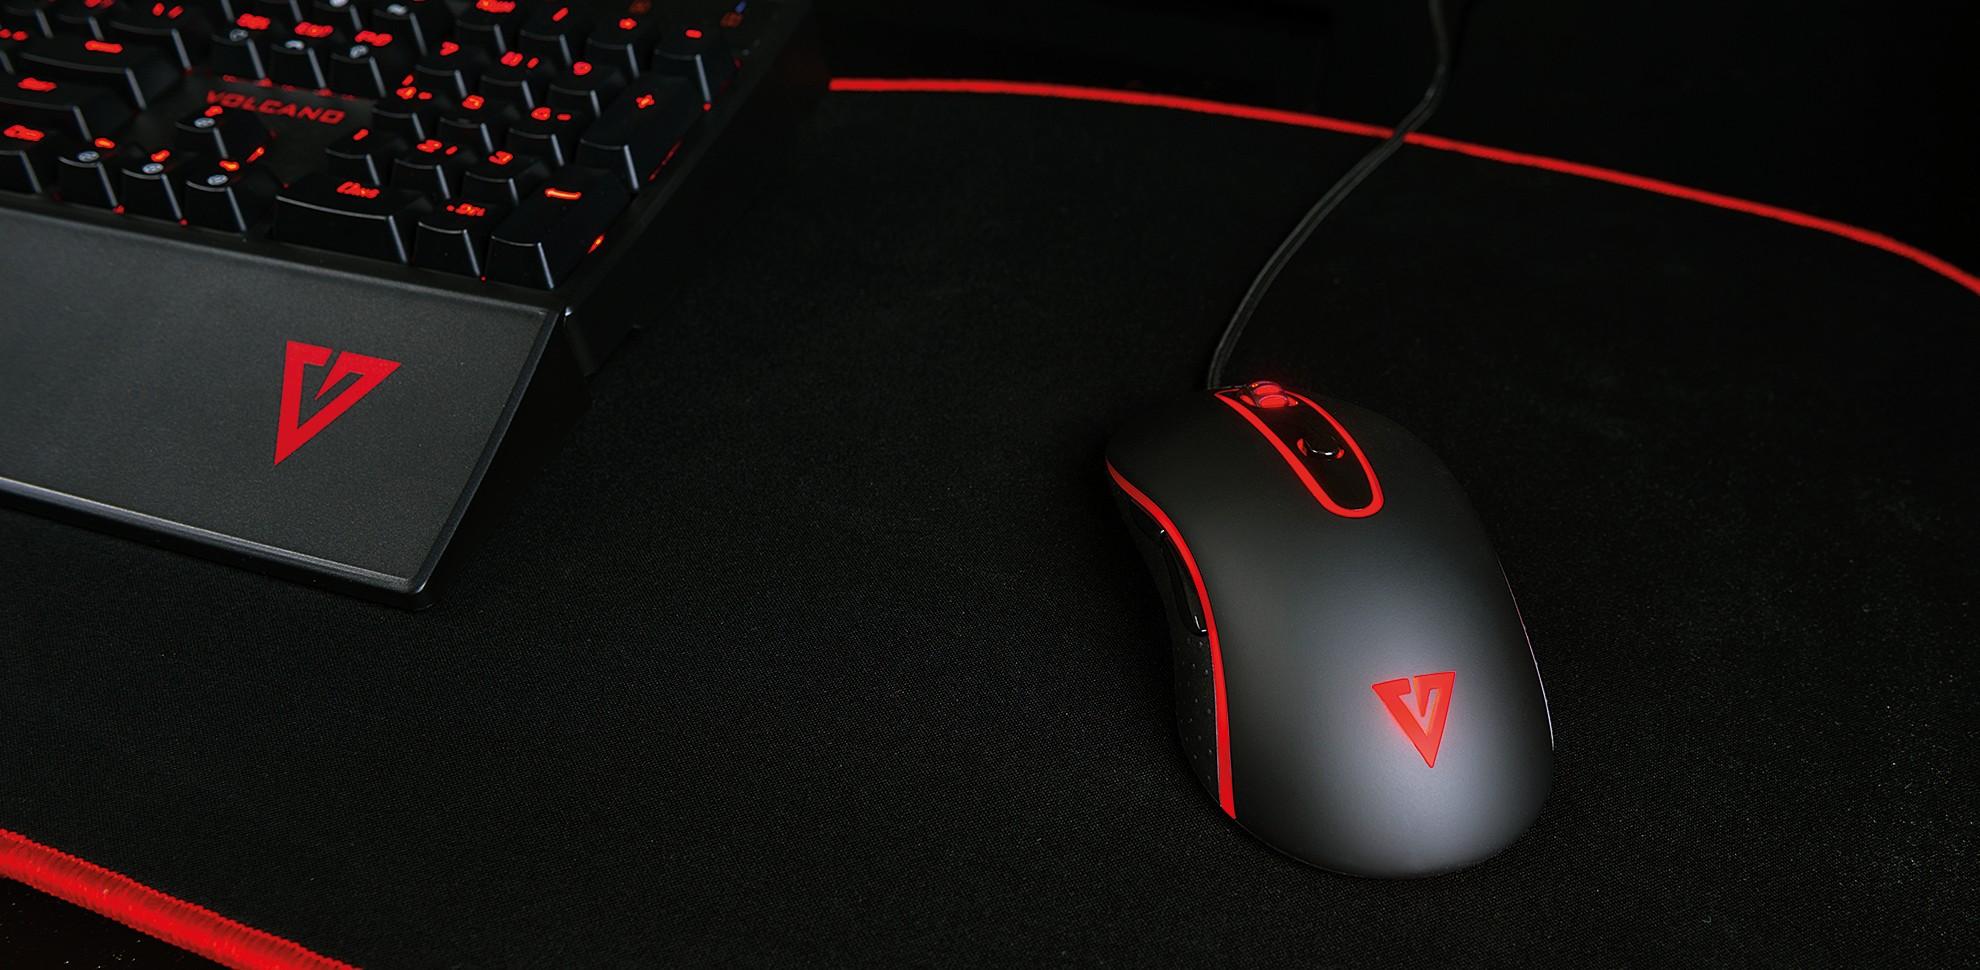 MODECOM Volcano MC-GMX2 juoda laidinė žaidimų optinė pelė RGB | 7200 DPI